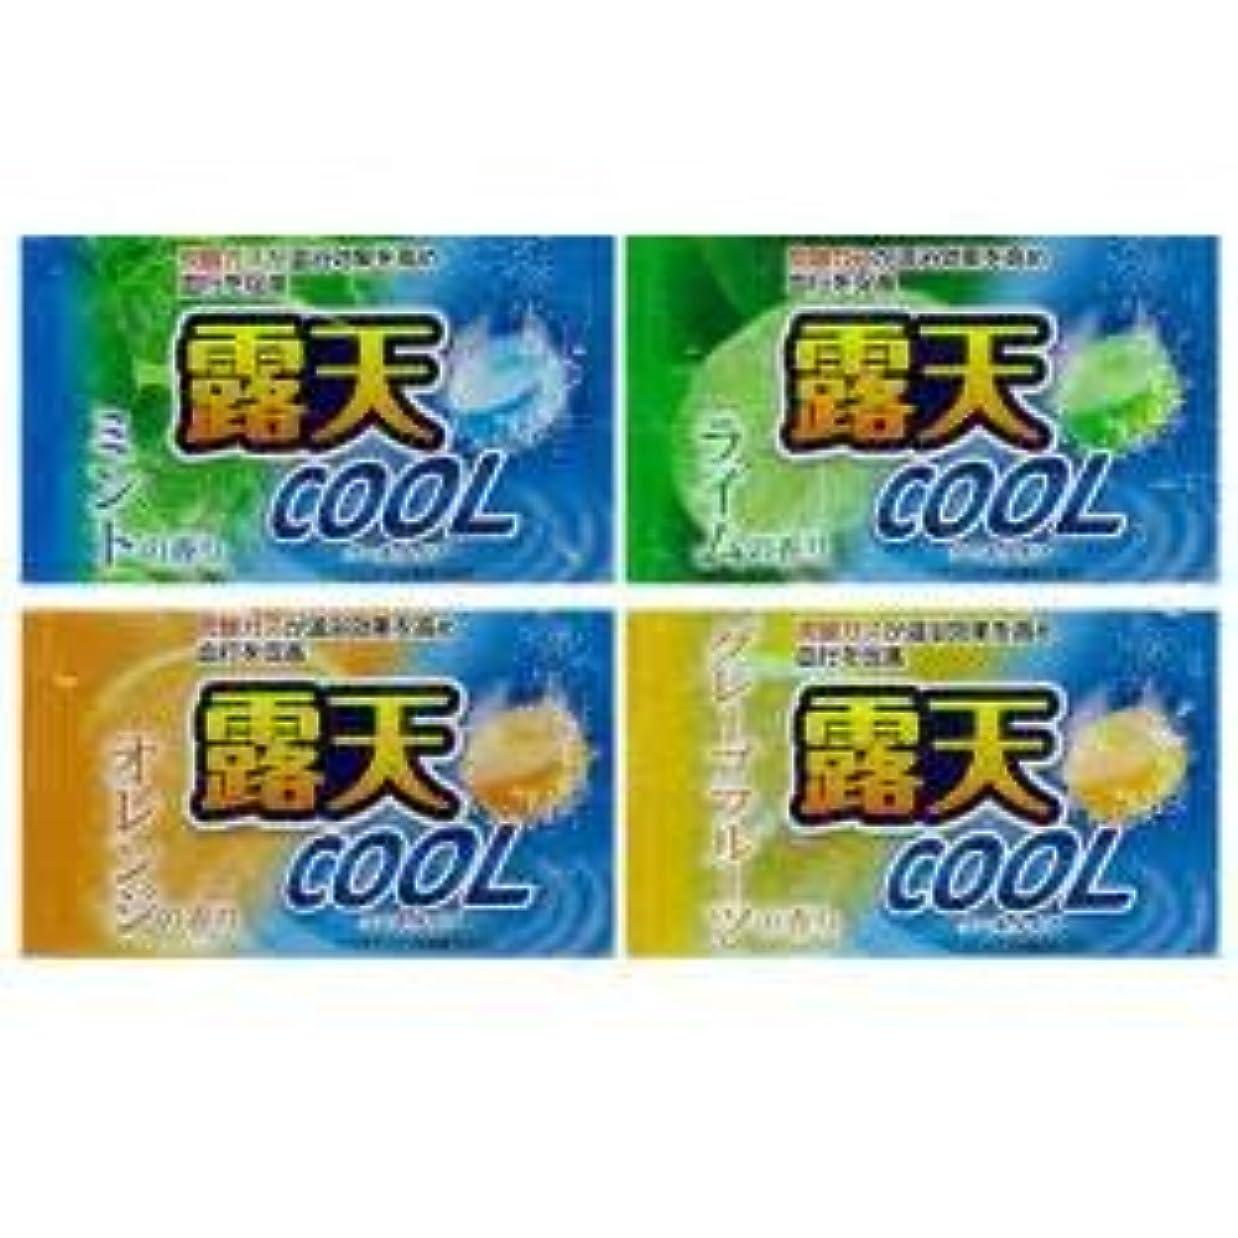 雇った酸化物接続された薬用発泡入浴剤 露天クール 4種×3 12個